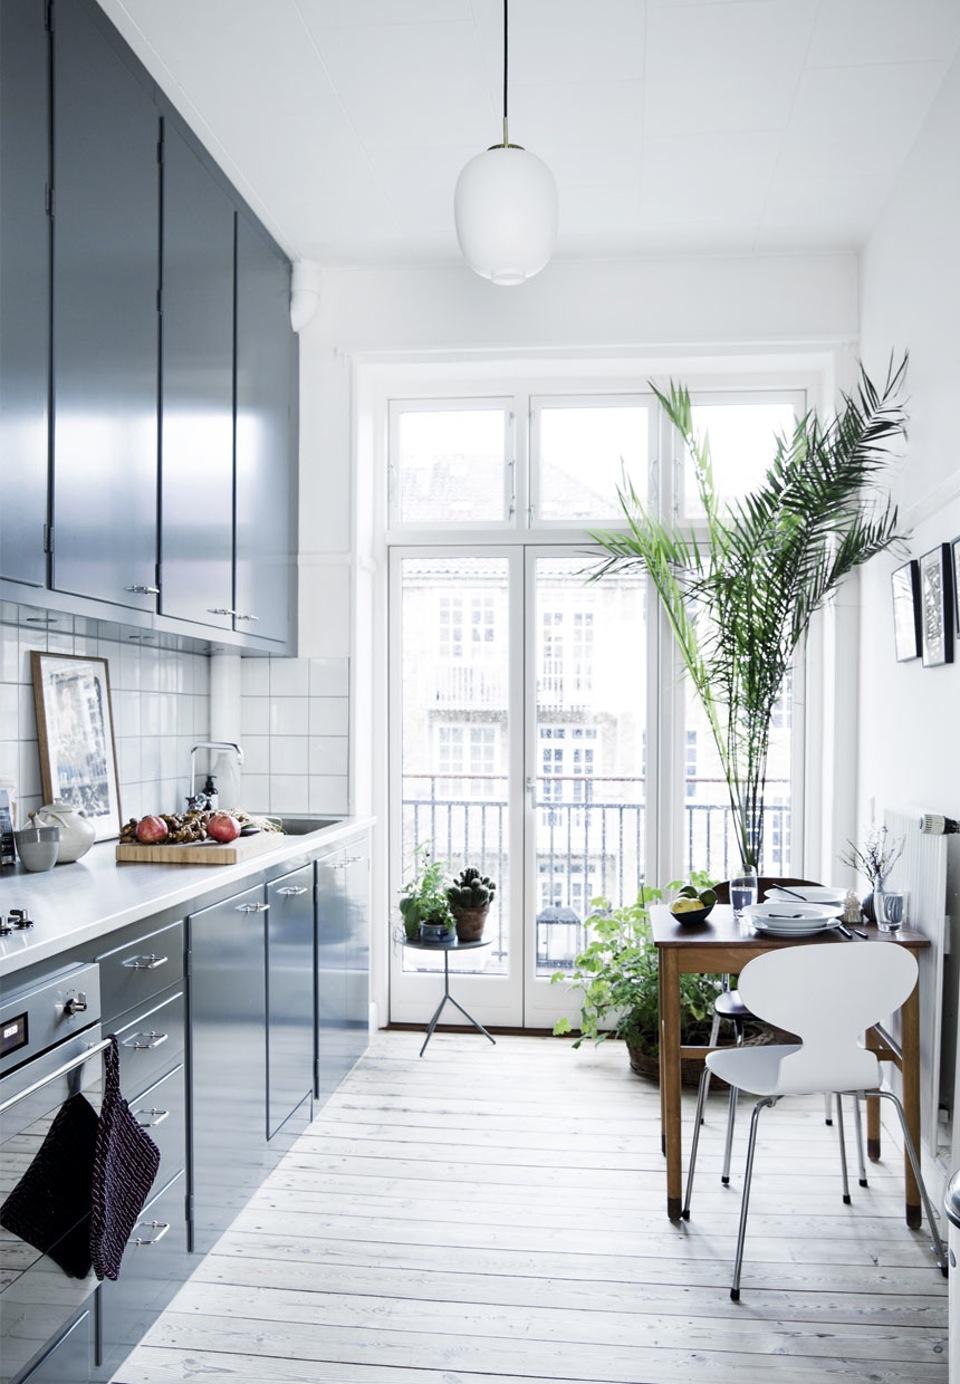 FØr & efter   det lille kØkken   blog om bolig